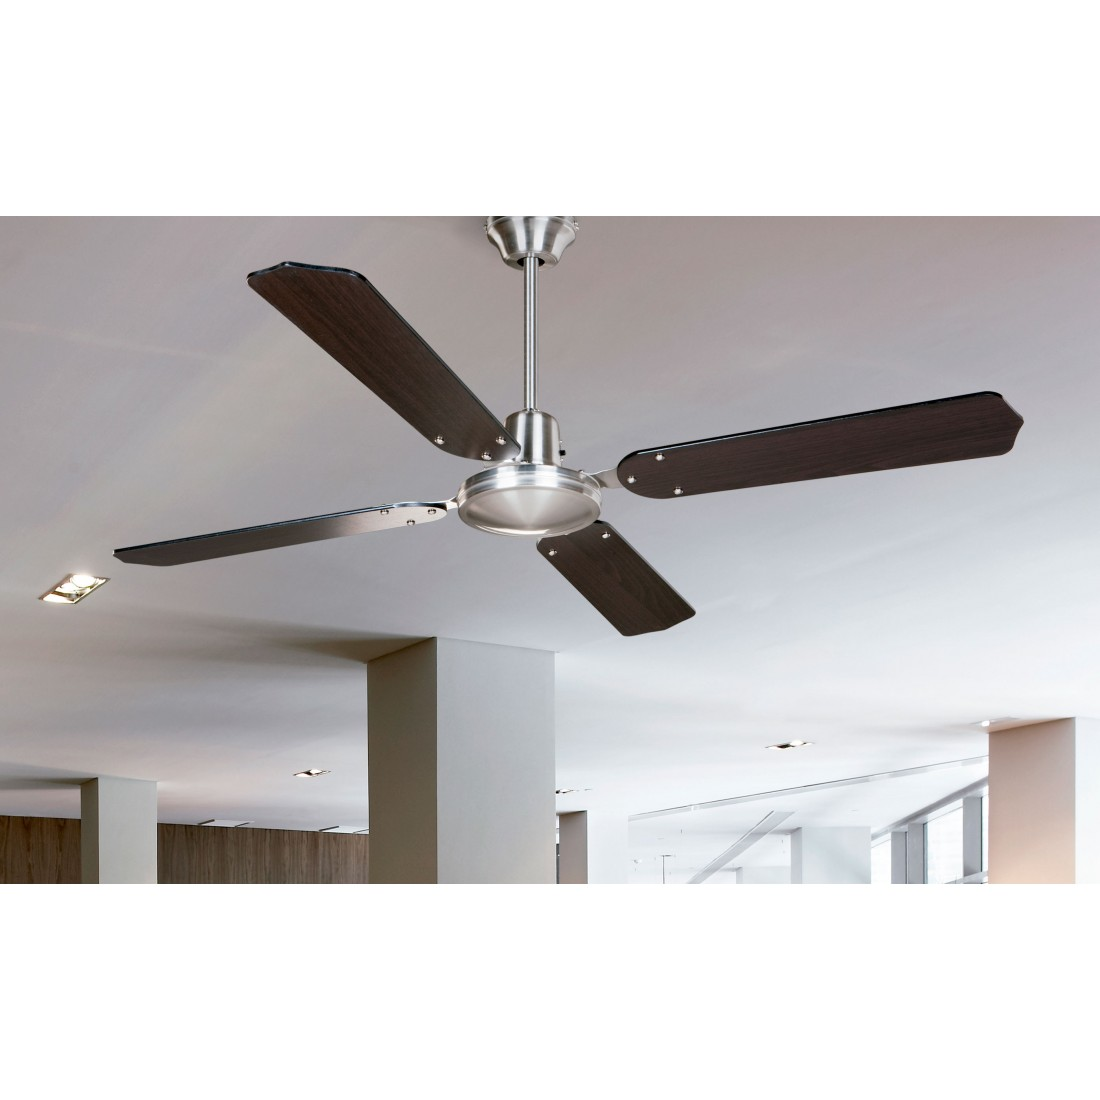 Ventilador de techo con regulador de pared ai05 we - Ventiladores para techo ...